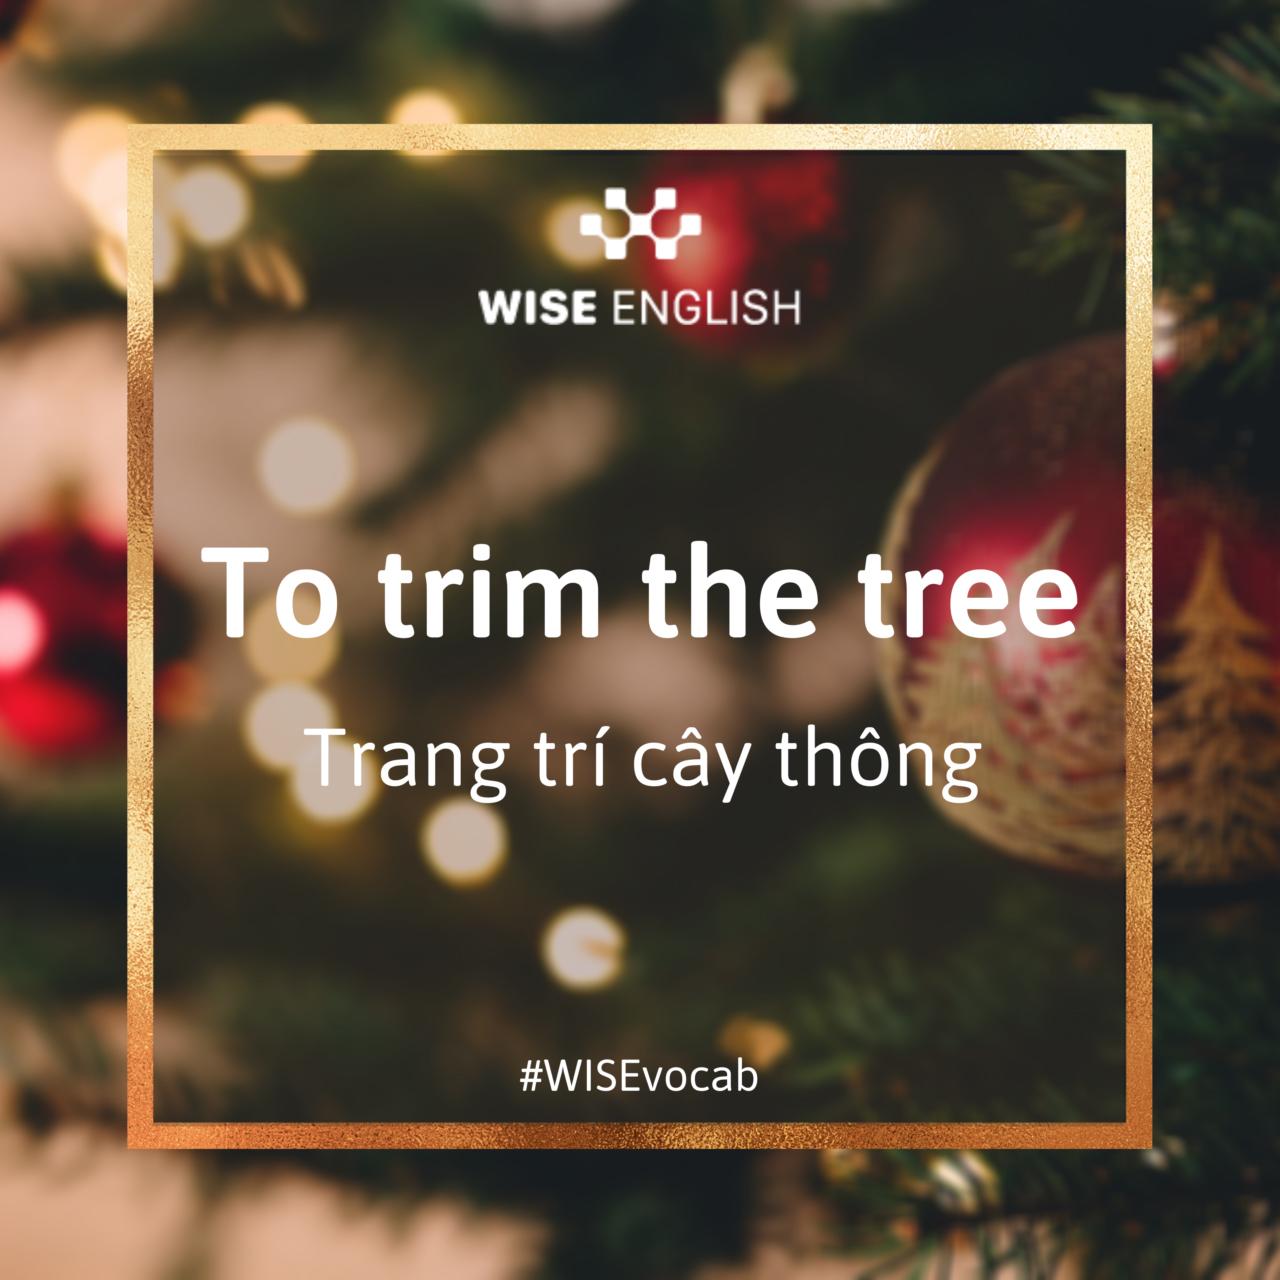 Idioms Giáng Sinh - Trang trí cây thông